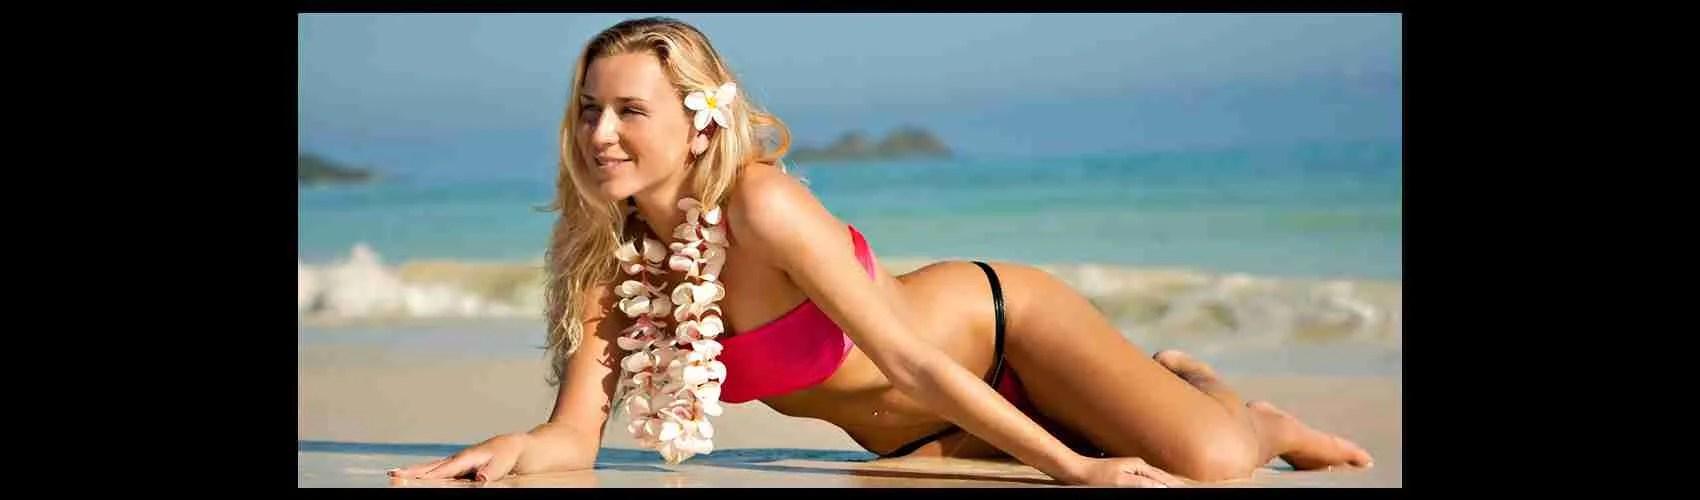 Una bellissima top class escort Sassari in spiaggia. Magica Escort